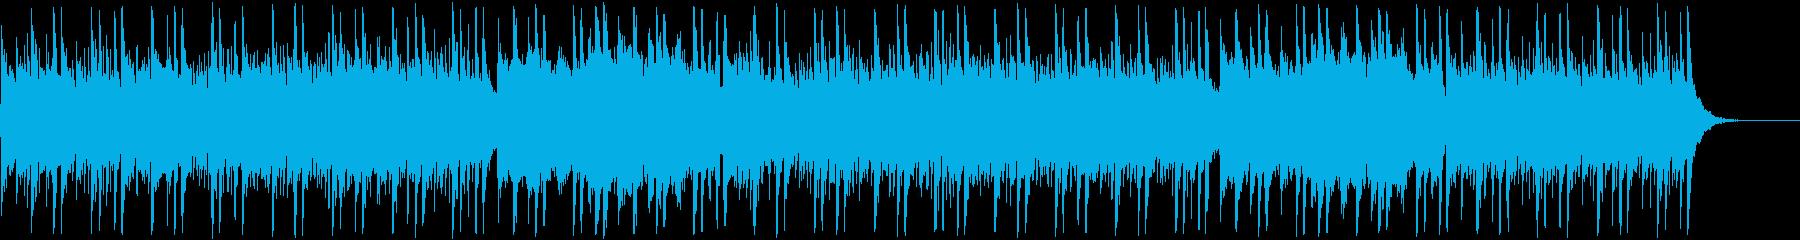 神秘的なお社をイメージした和風BGMの再生済みの波形